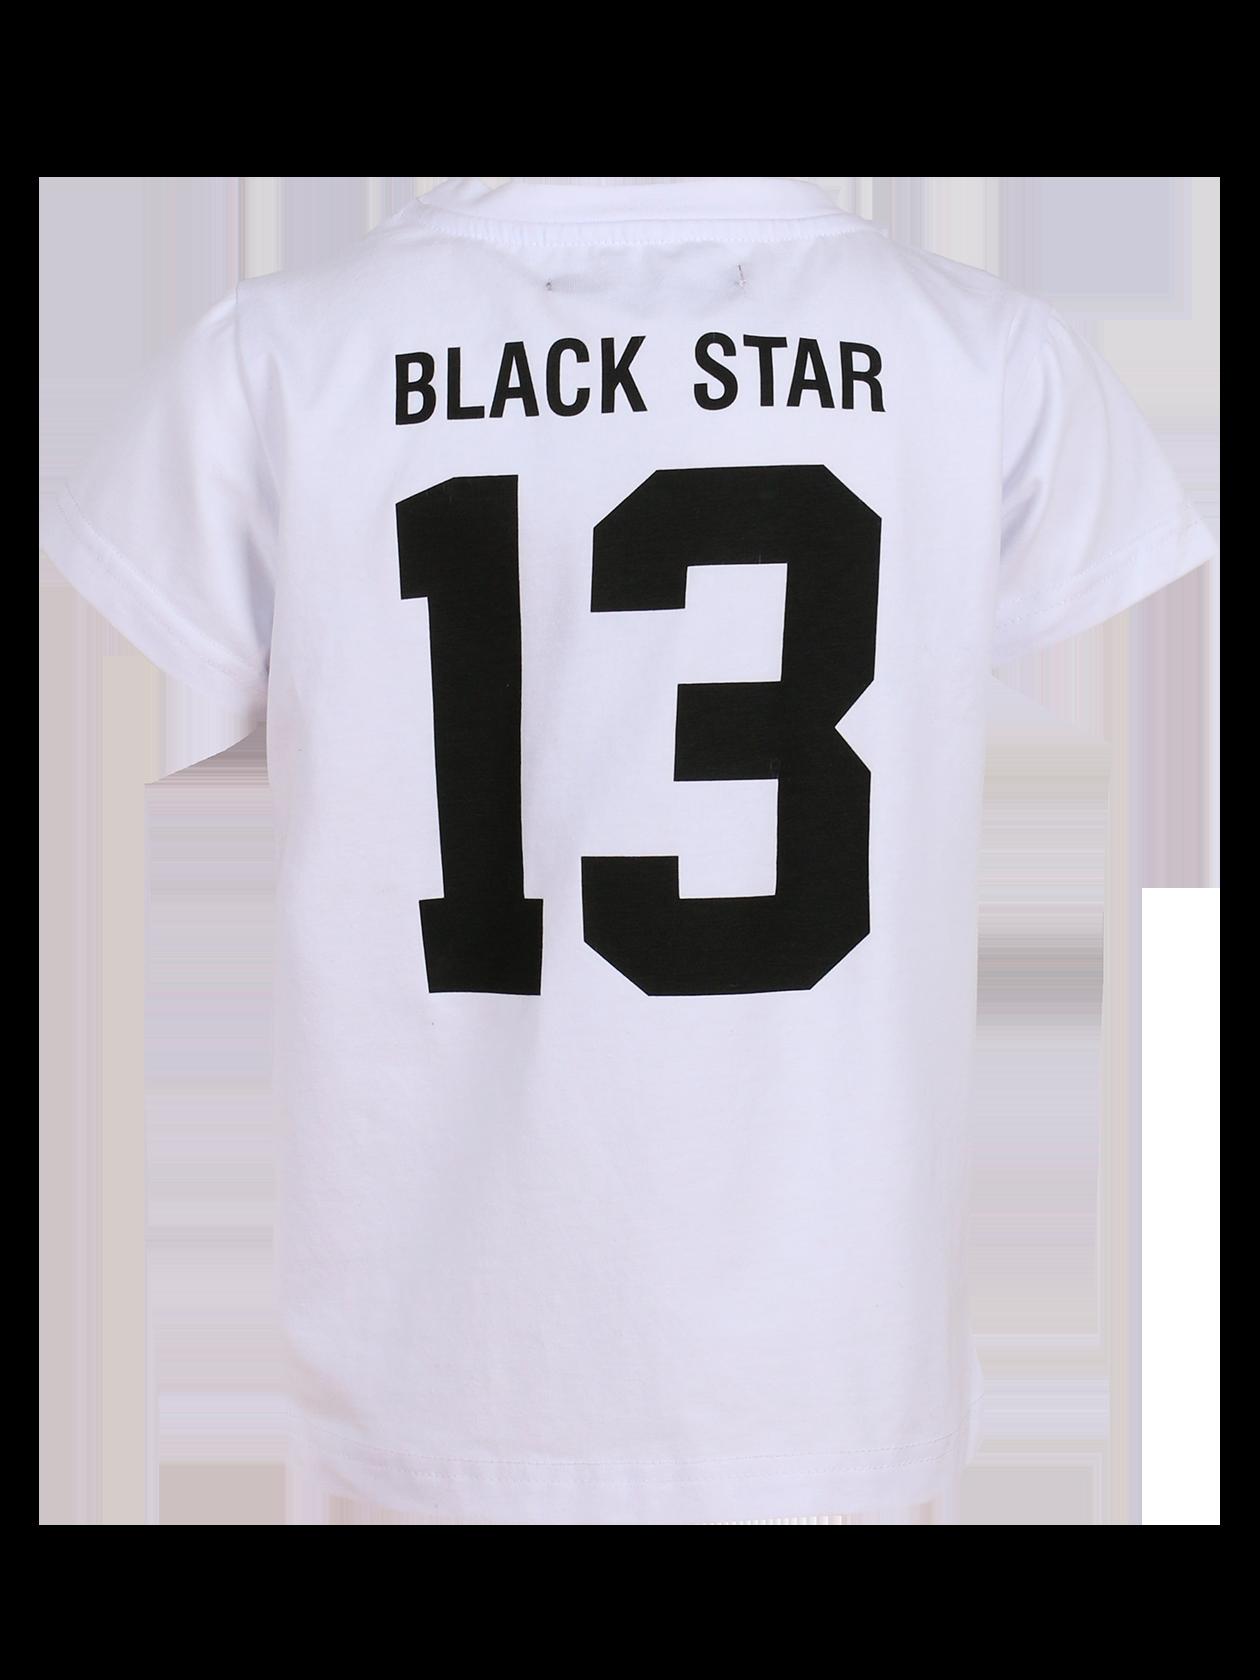 Футболка детская BS13Детская футболка из коллекции Black Star Wear с большим брендовым принтом на спине. Лаконичный дизайн: прямой крой, классический рукав и округлая горловина. Модель выполнена из натурального хлопка, не стесняет движений и не теряет внешний вид при многочисленных стирках. Можете быть уверены, что эта футболка станет одной из любимых у вашего ребёнка.<br><br>Размер: 5-6 years<br>Цвет: Белый<br>Пол: Унисекс